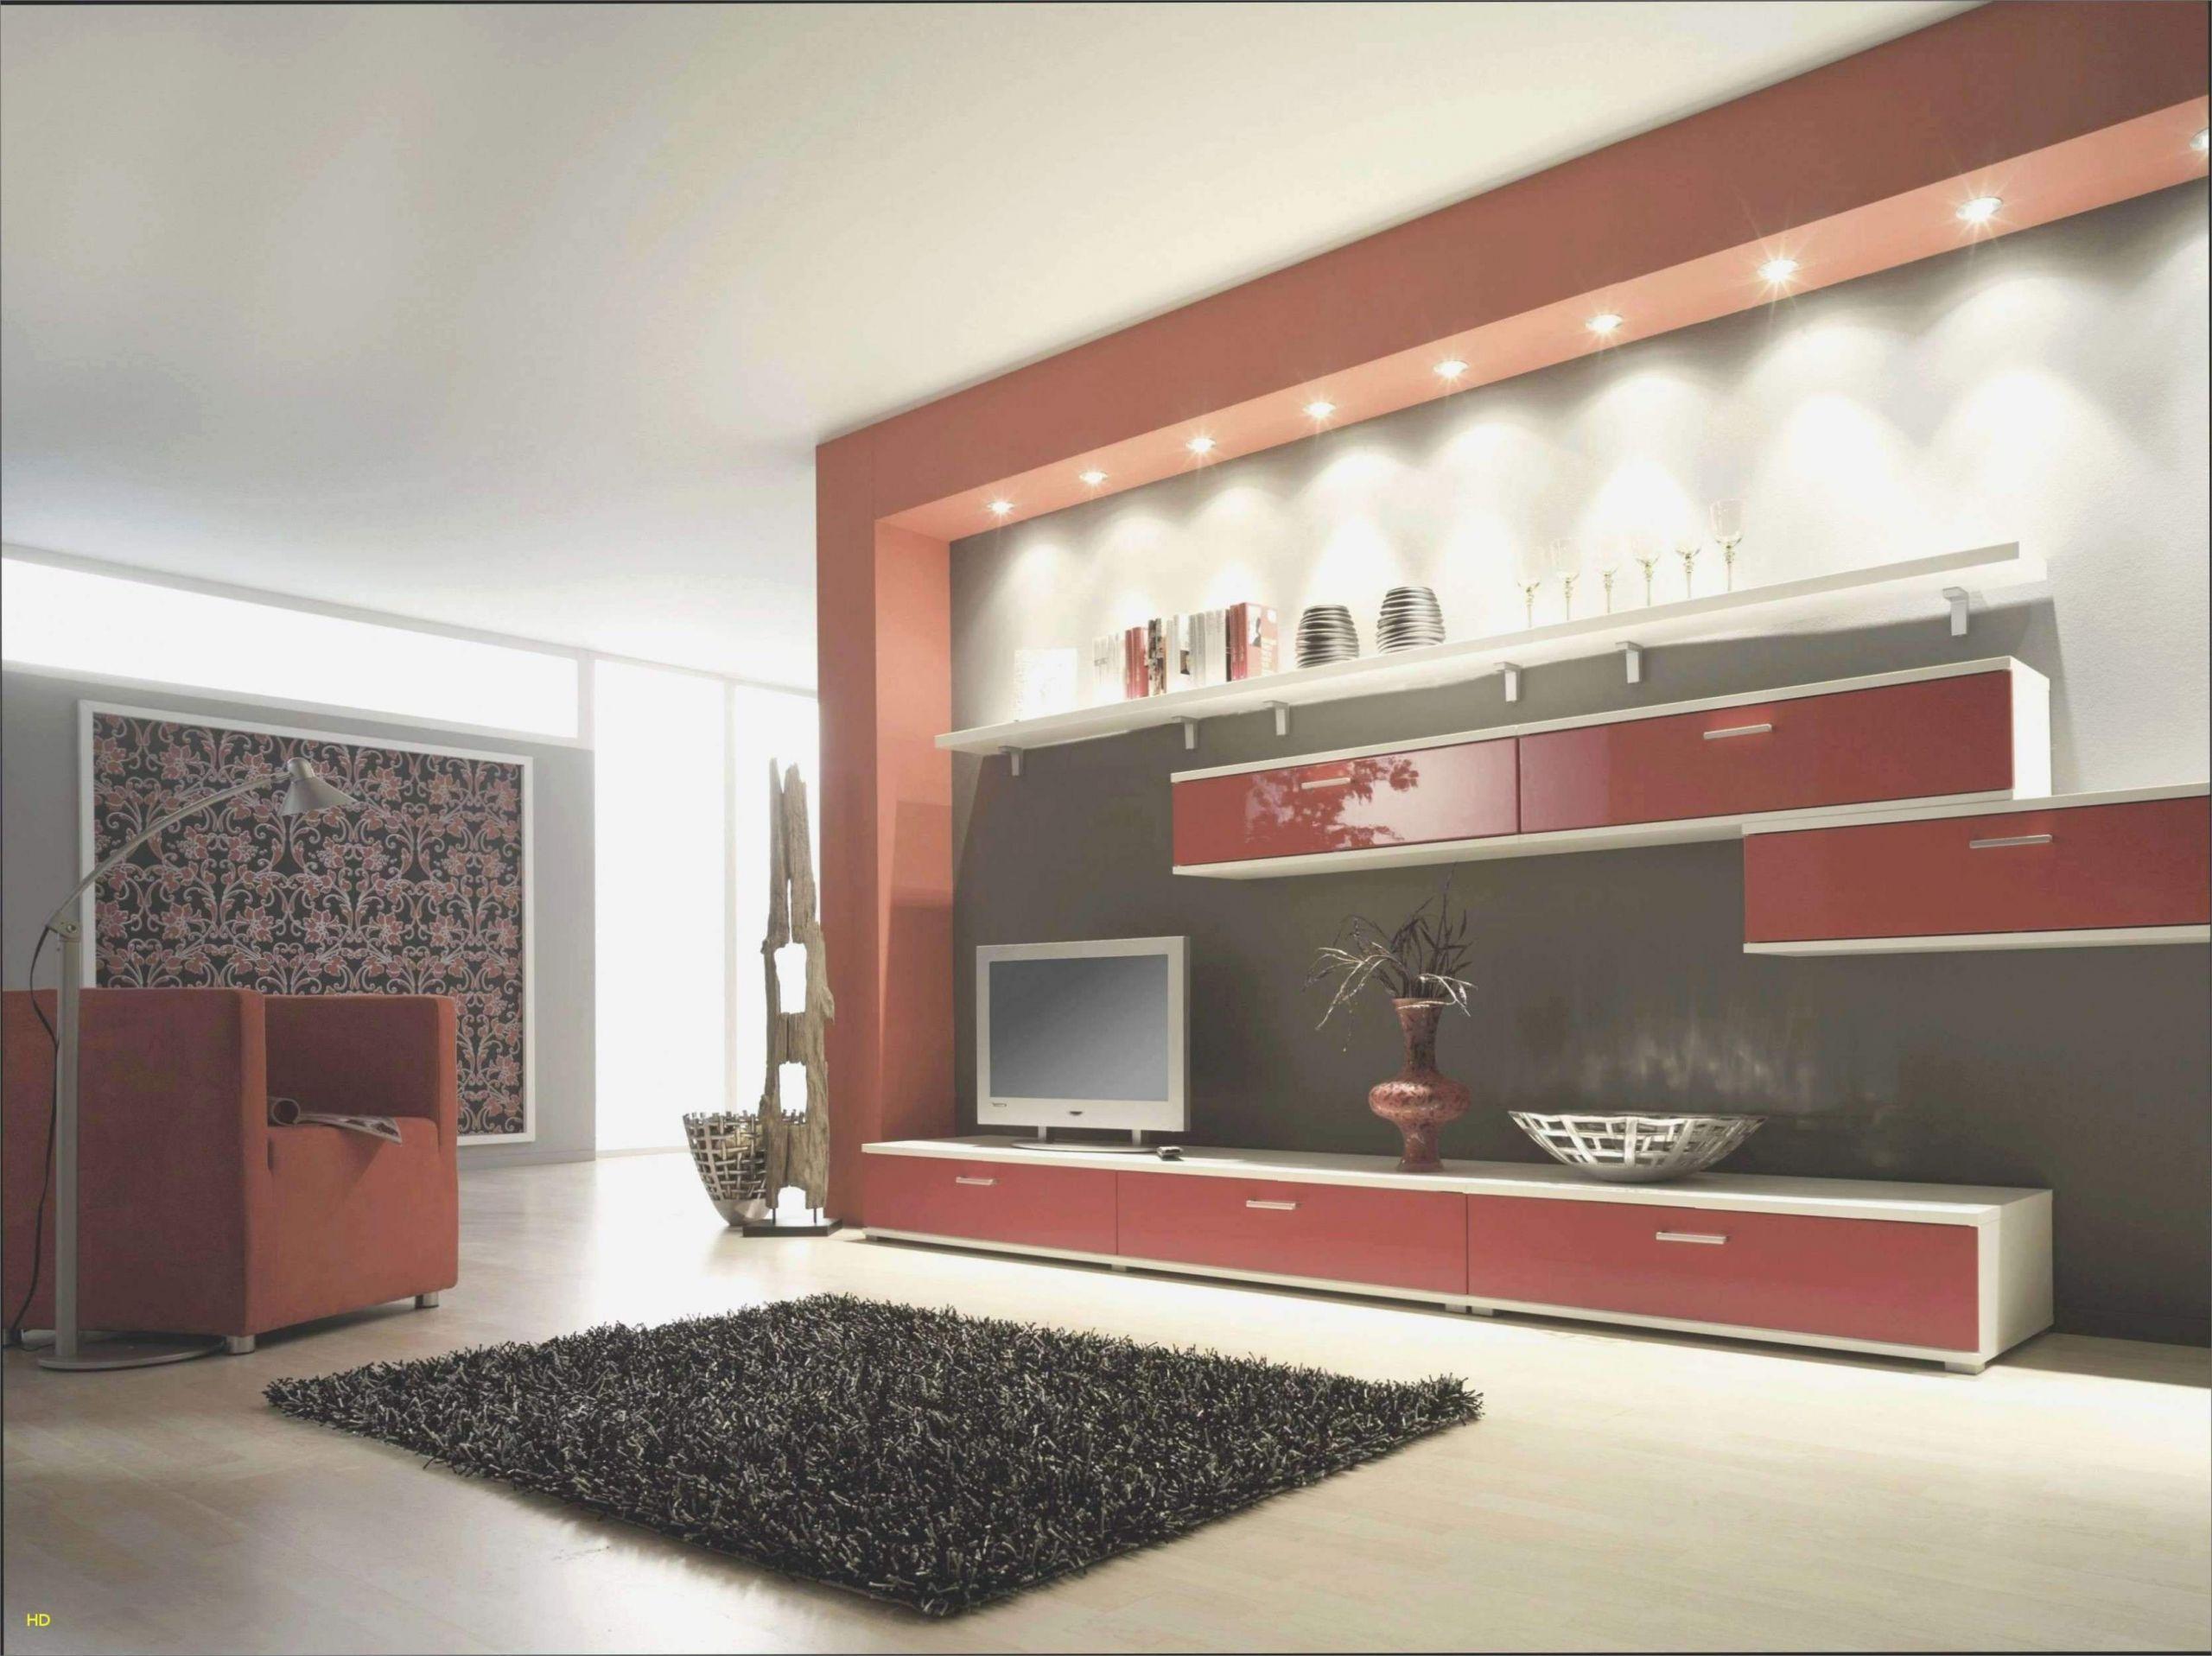 wanddesign wohnzimmer das beste von wohnzimmer wand design inspirierend nachttischlampe wand 0d of wanddesign wohnzimmer